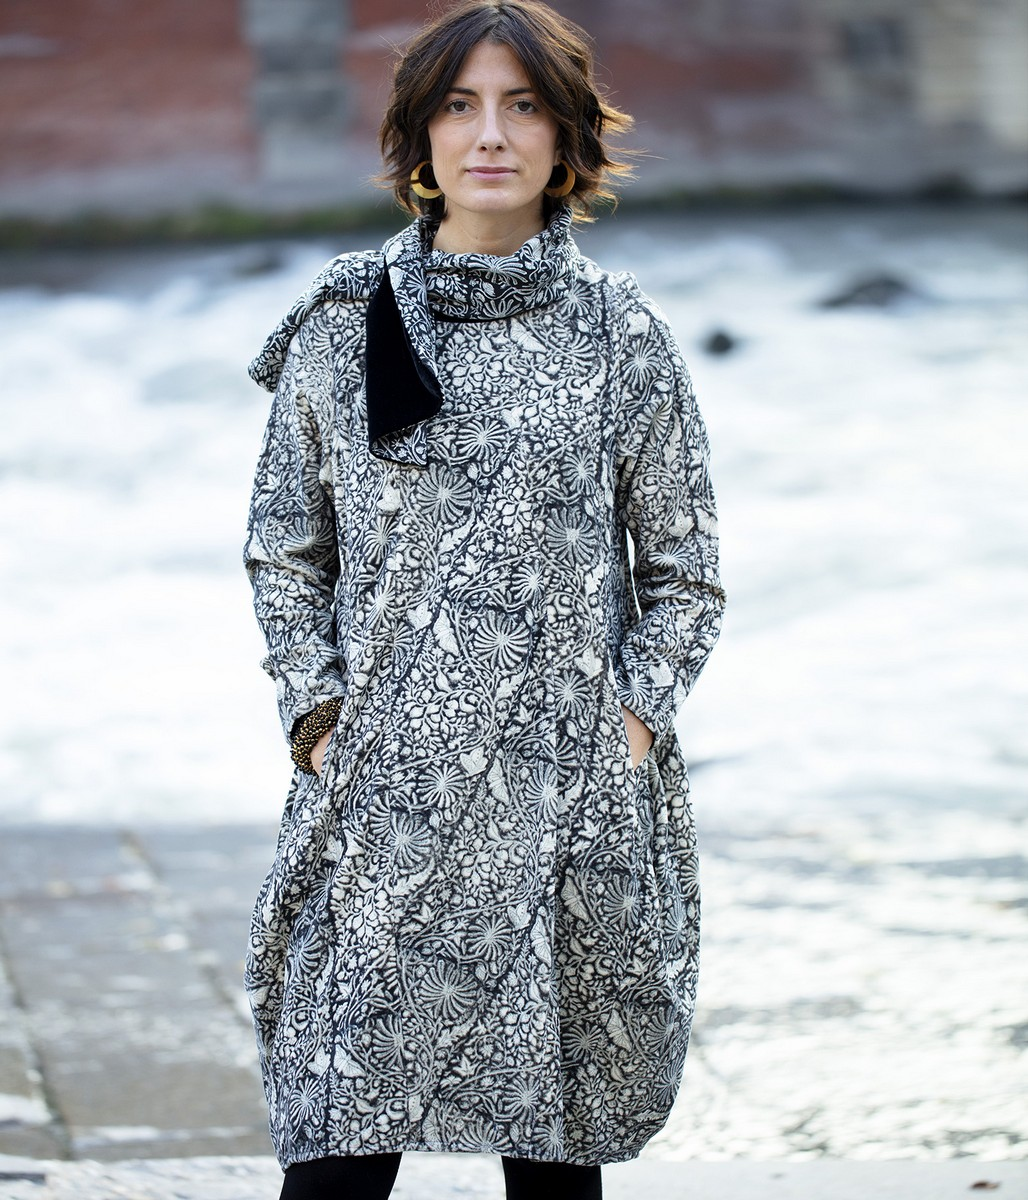 Vestito ovetto in velluto di cotone stampato a mano / sciarpina in velluto e seta stampato a mano